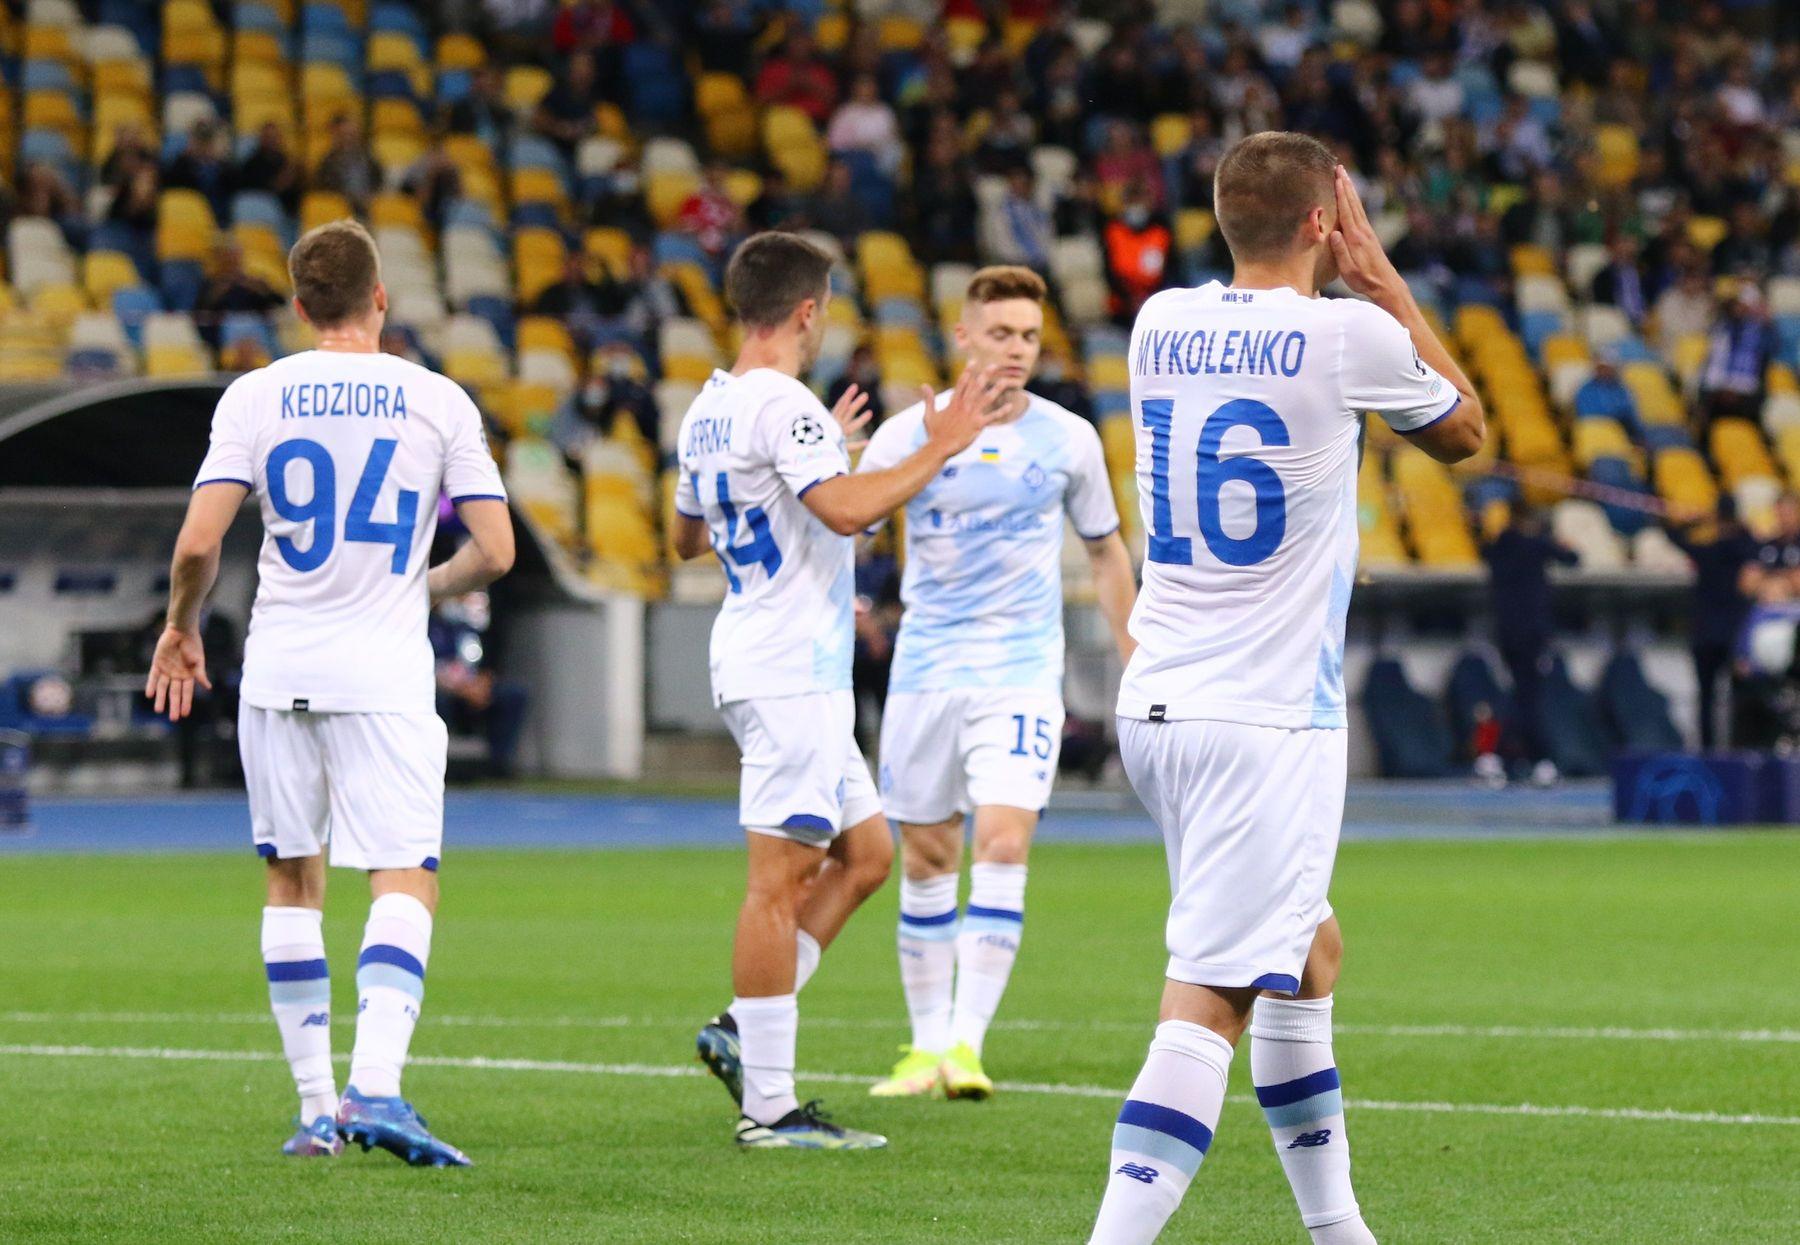 ЛЧ. Динамо - Бенфика 0:0. Ноли с позиции слабого, но с фейерверком последних секунд - изображение 3